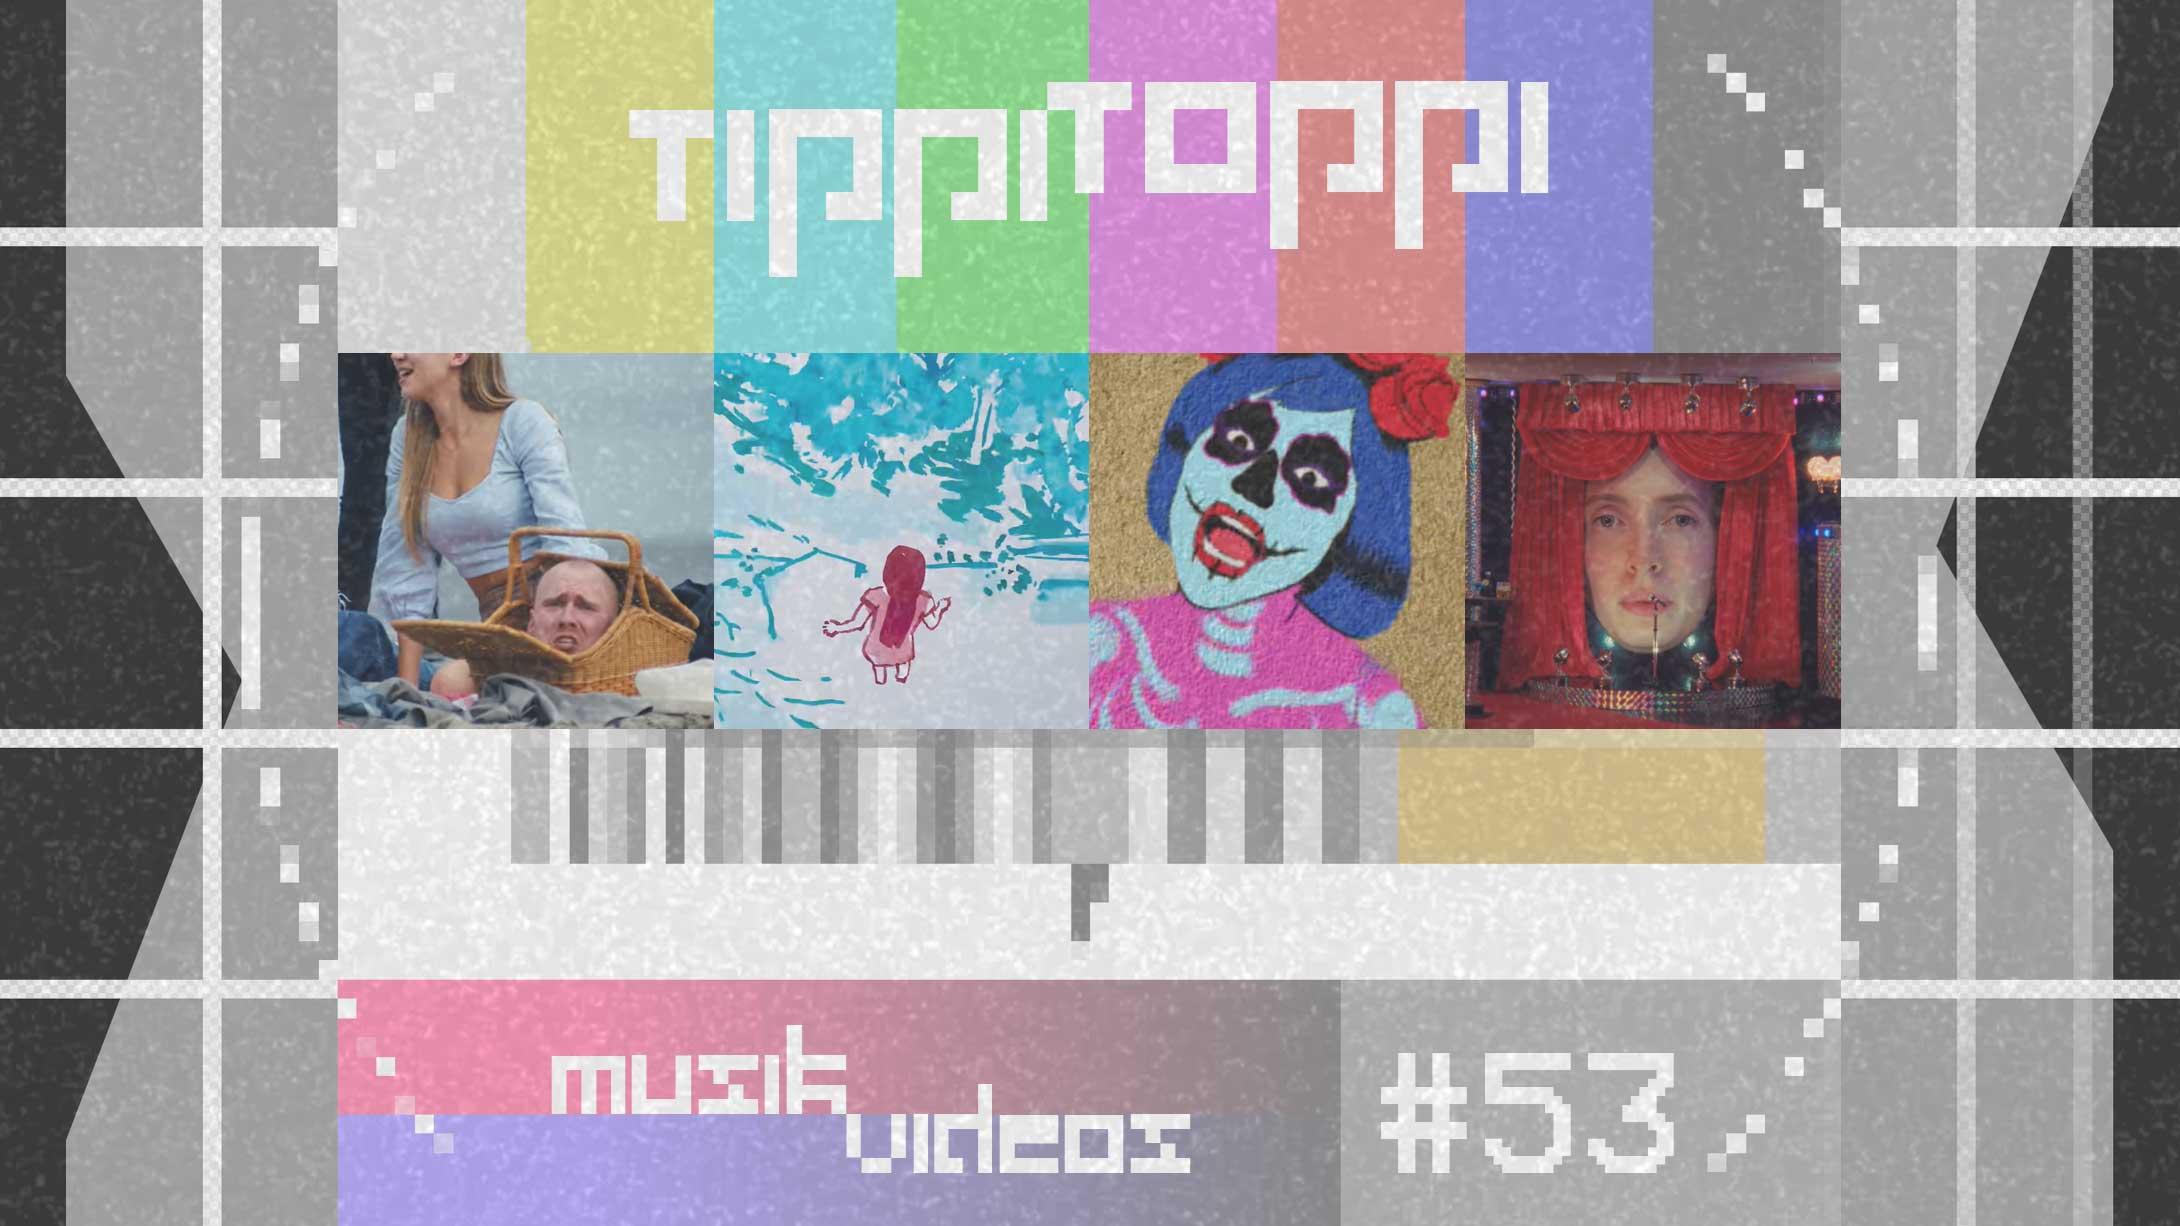 Tippi Toppi Musikvideos Vol. 53